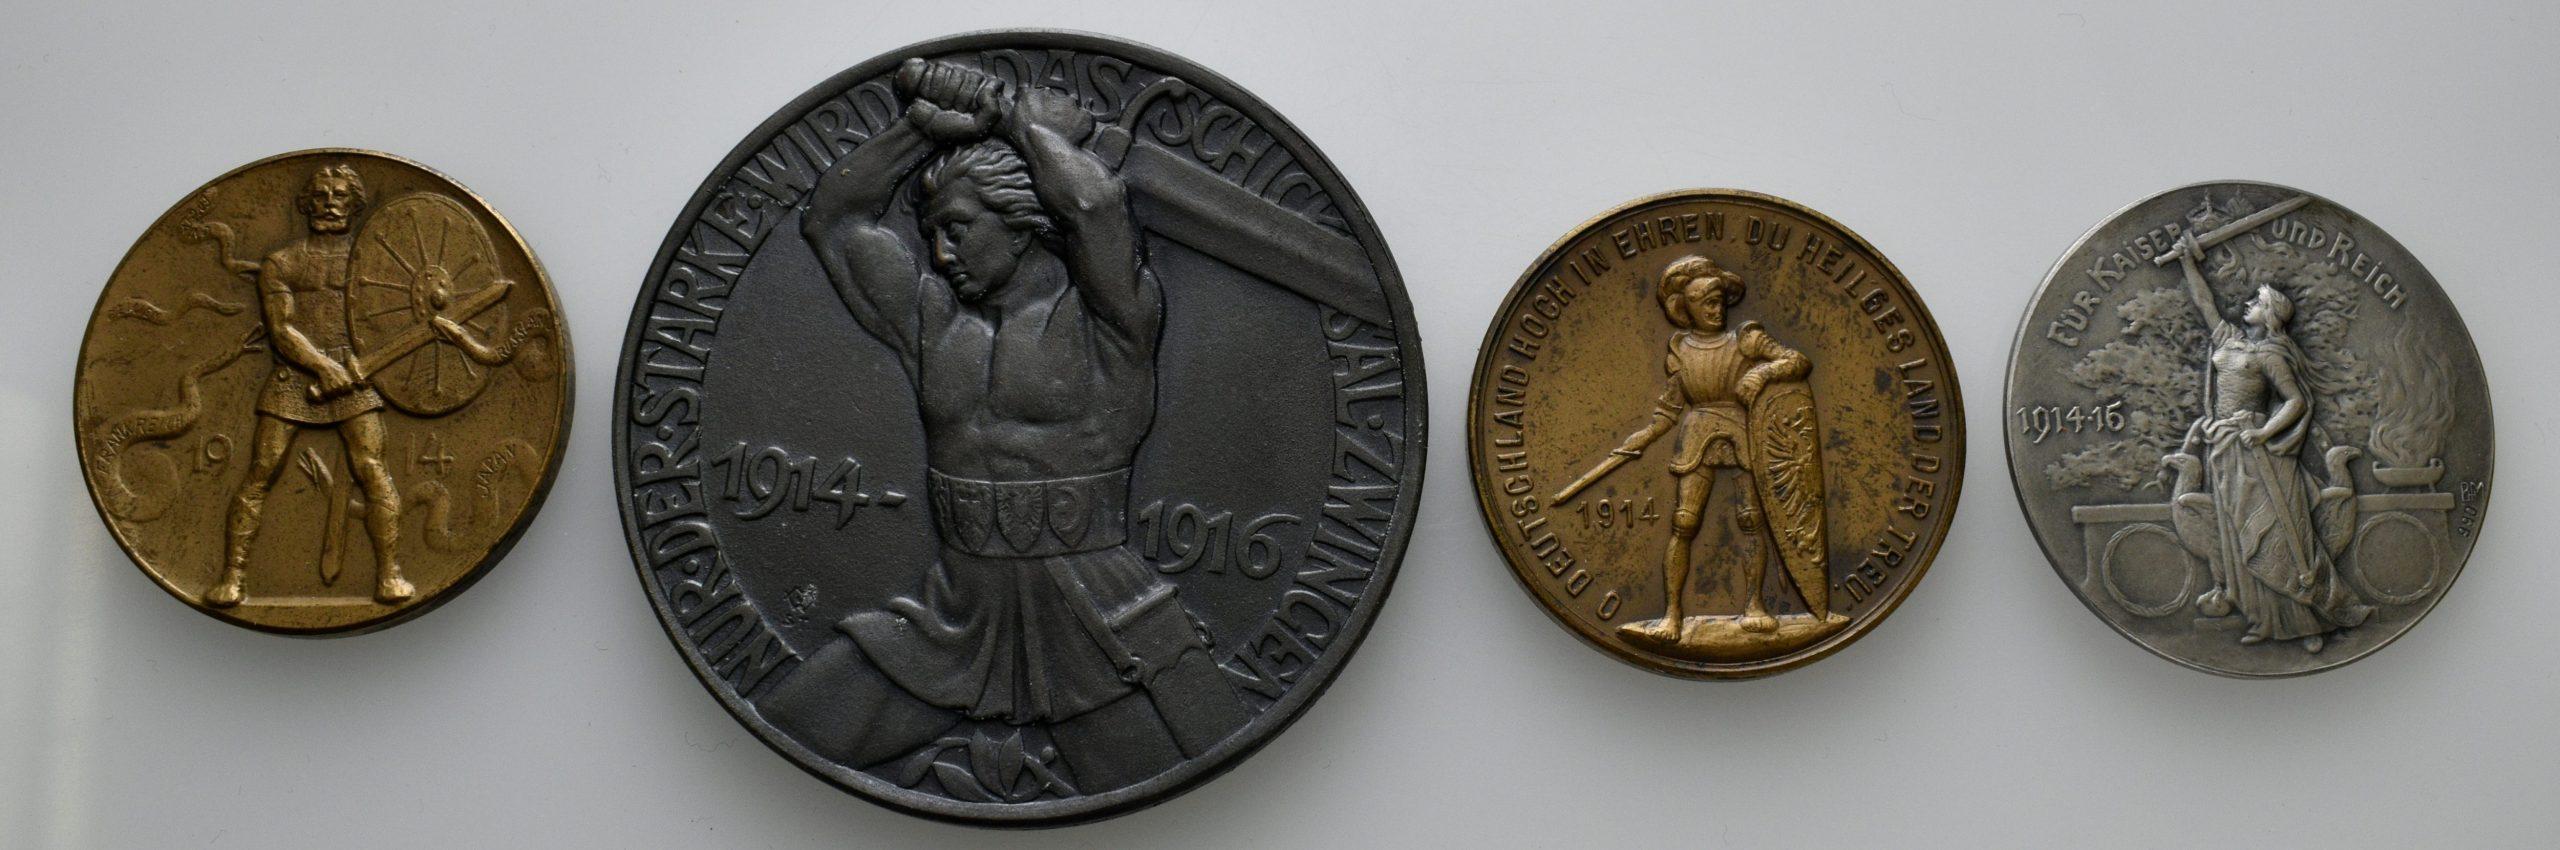 Medaillen des Ersten Weltkriegs aus dem Münzkabinett © Matthias Ohm